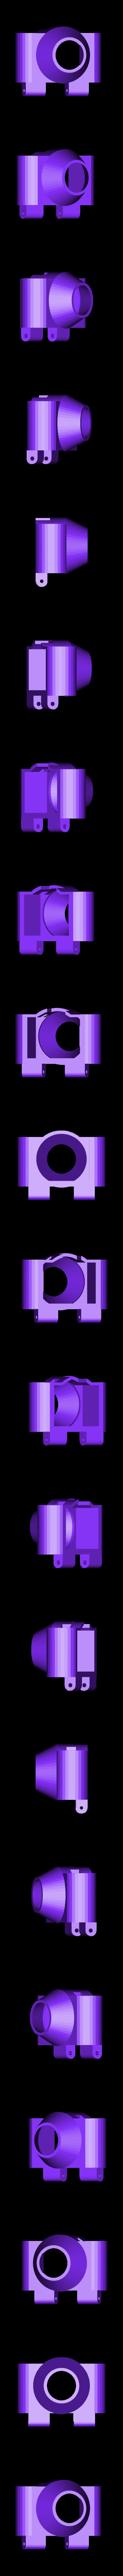 Protection pod Camera tx03 for 3mm.stl Descargar archivo STL gratis Protección de la cámara FPV TPU Eachine TX01 / TX02 / TX03 • Diseño para la impresora 3D, Microdure